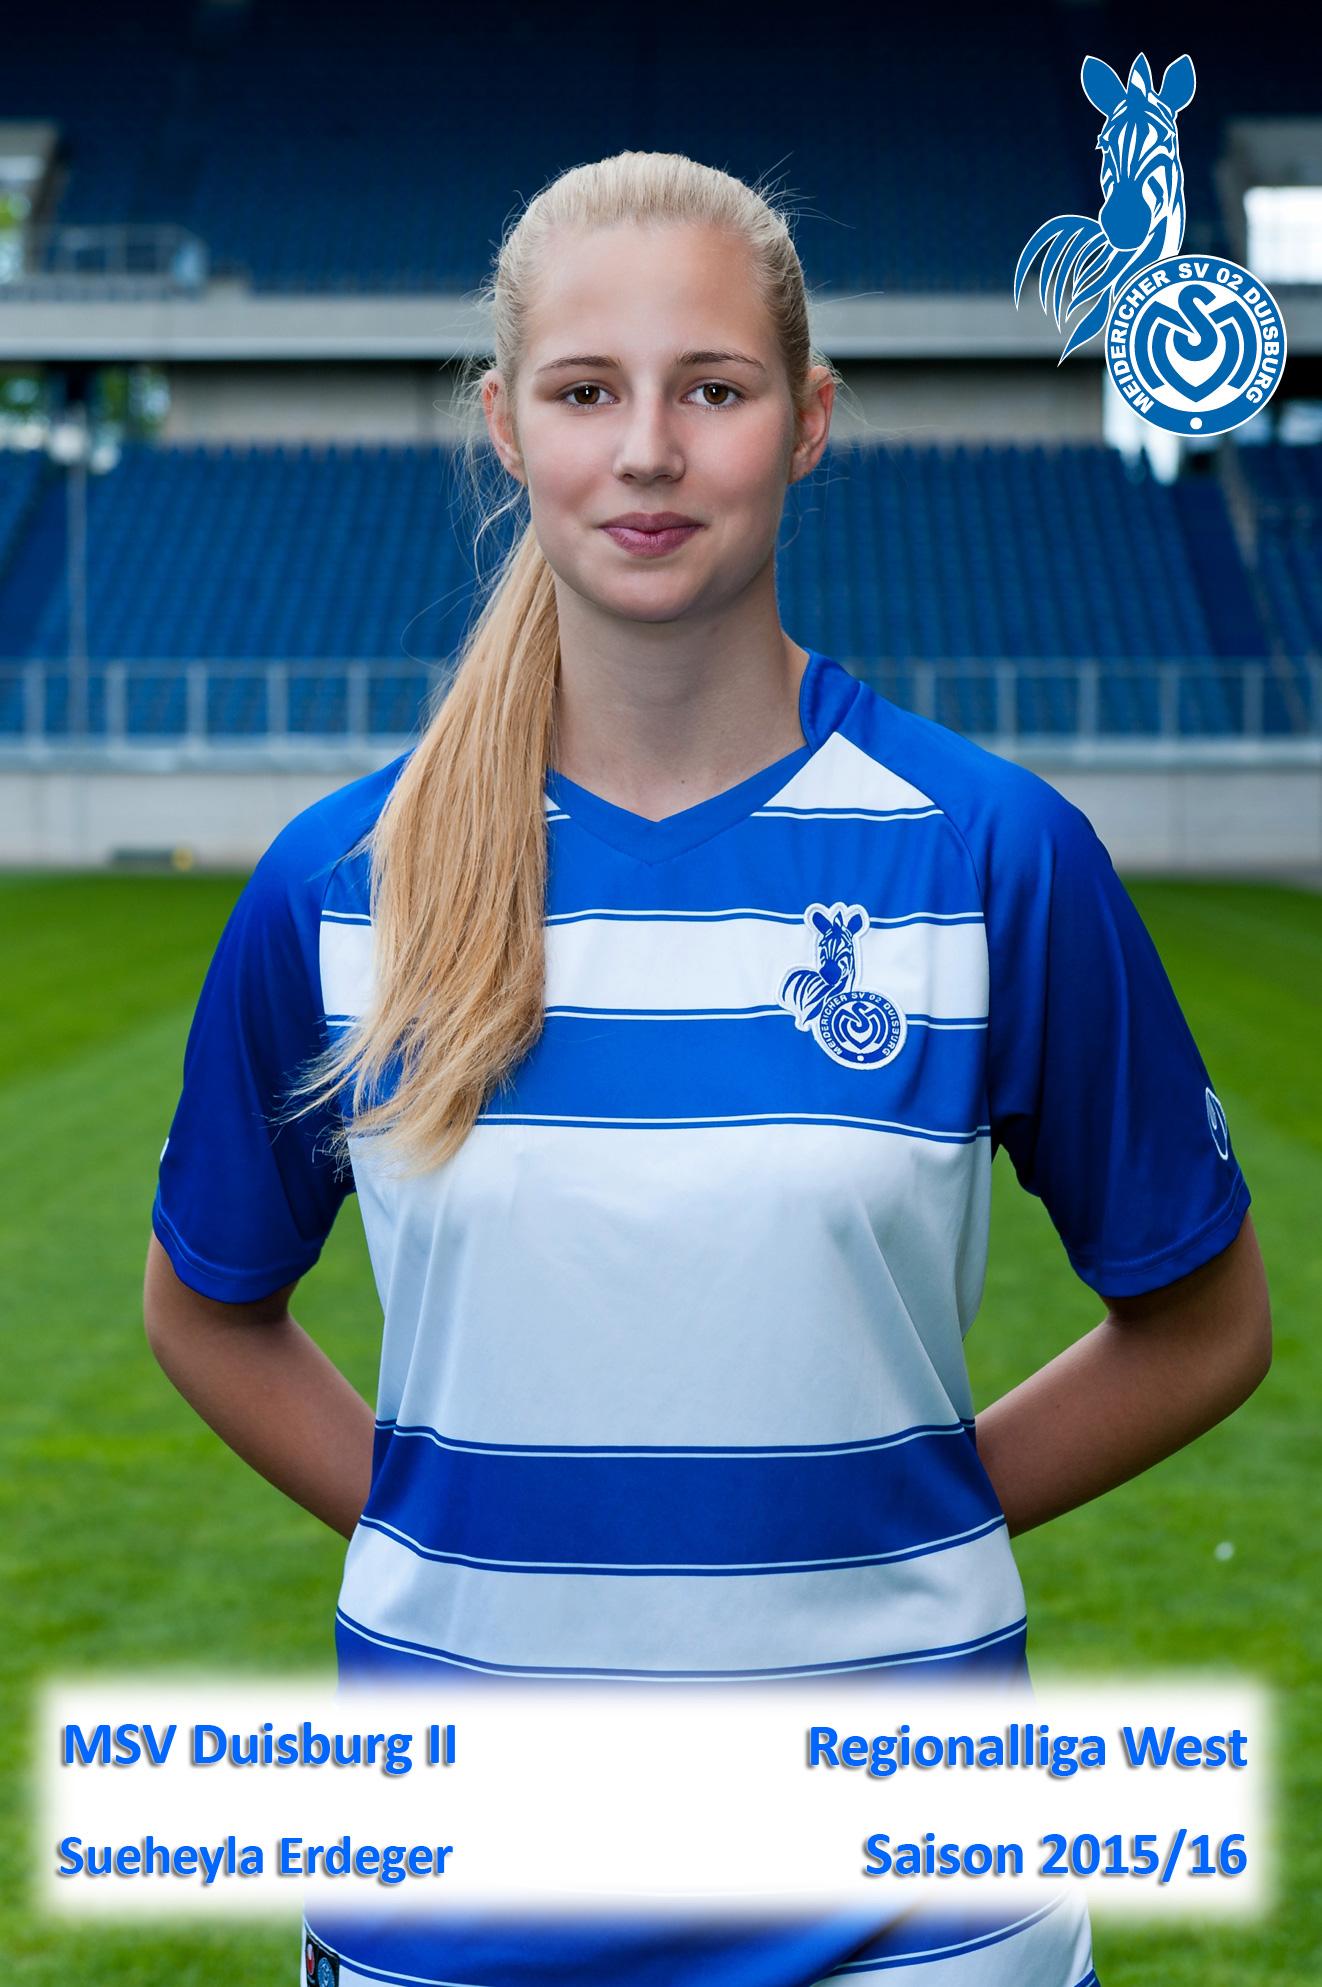 MSV II #05 Sueheyla Erdeger